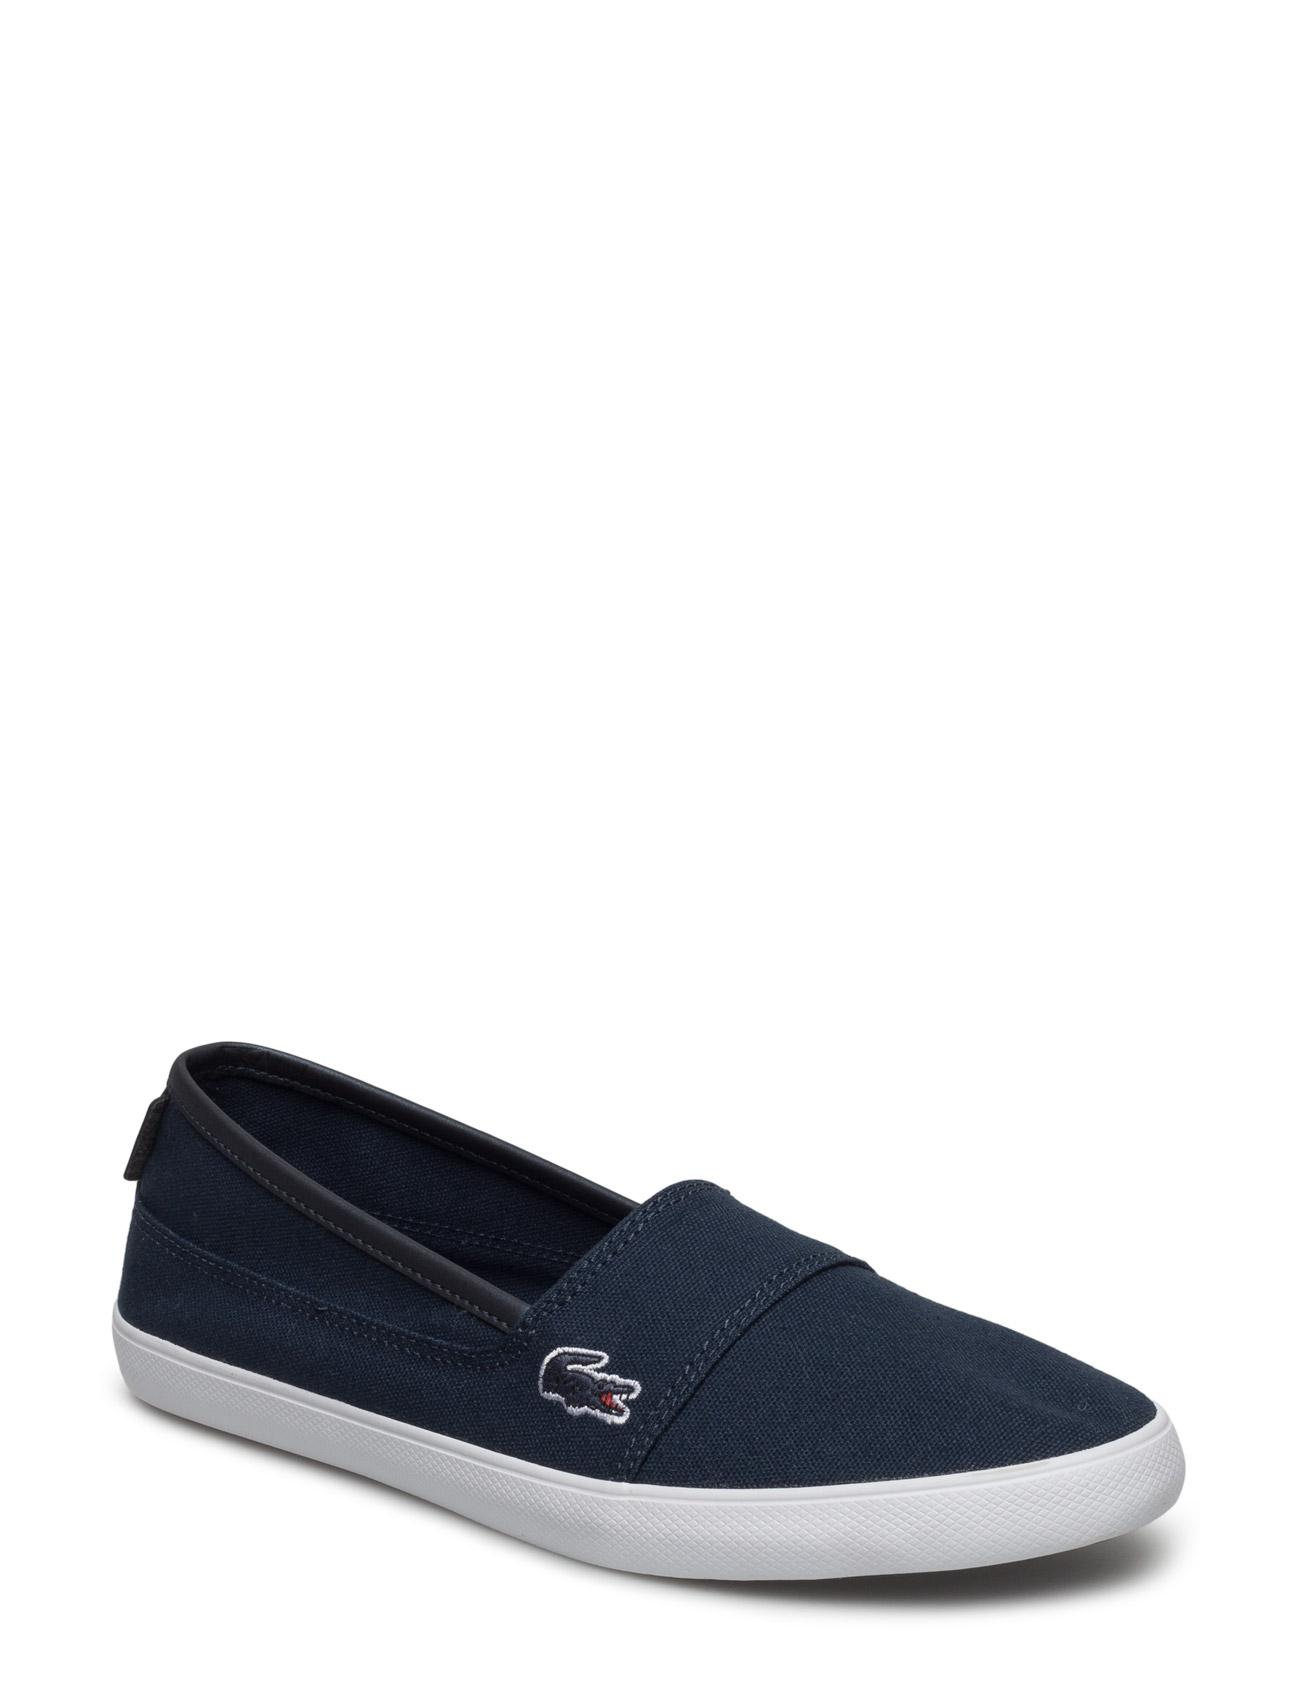 Marice 217 2 fra lacoste shoes på boozt.com dk